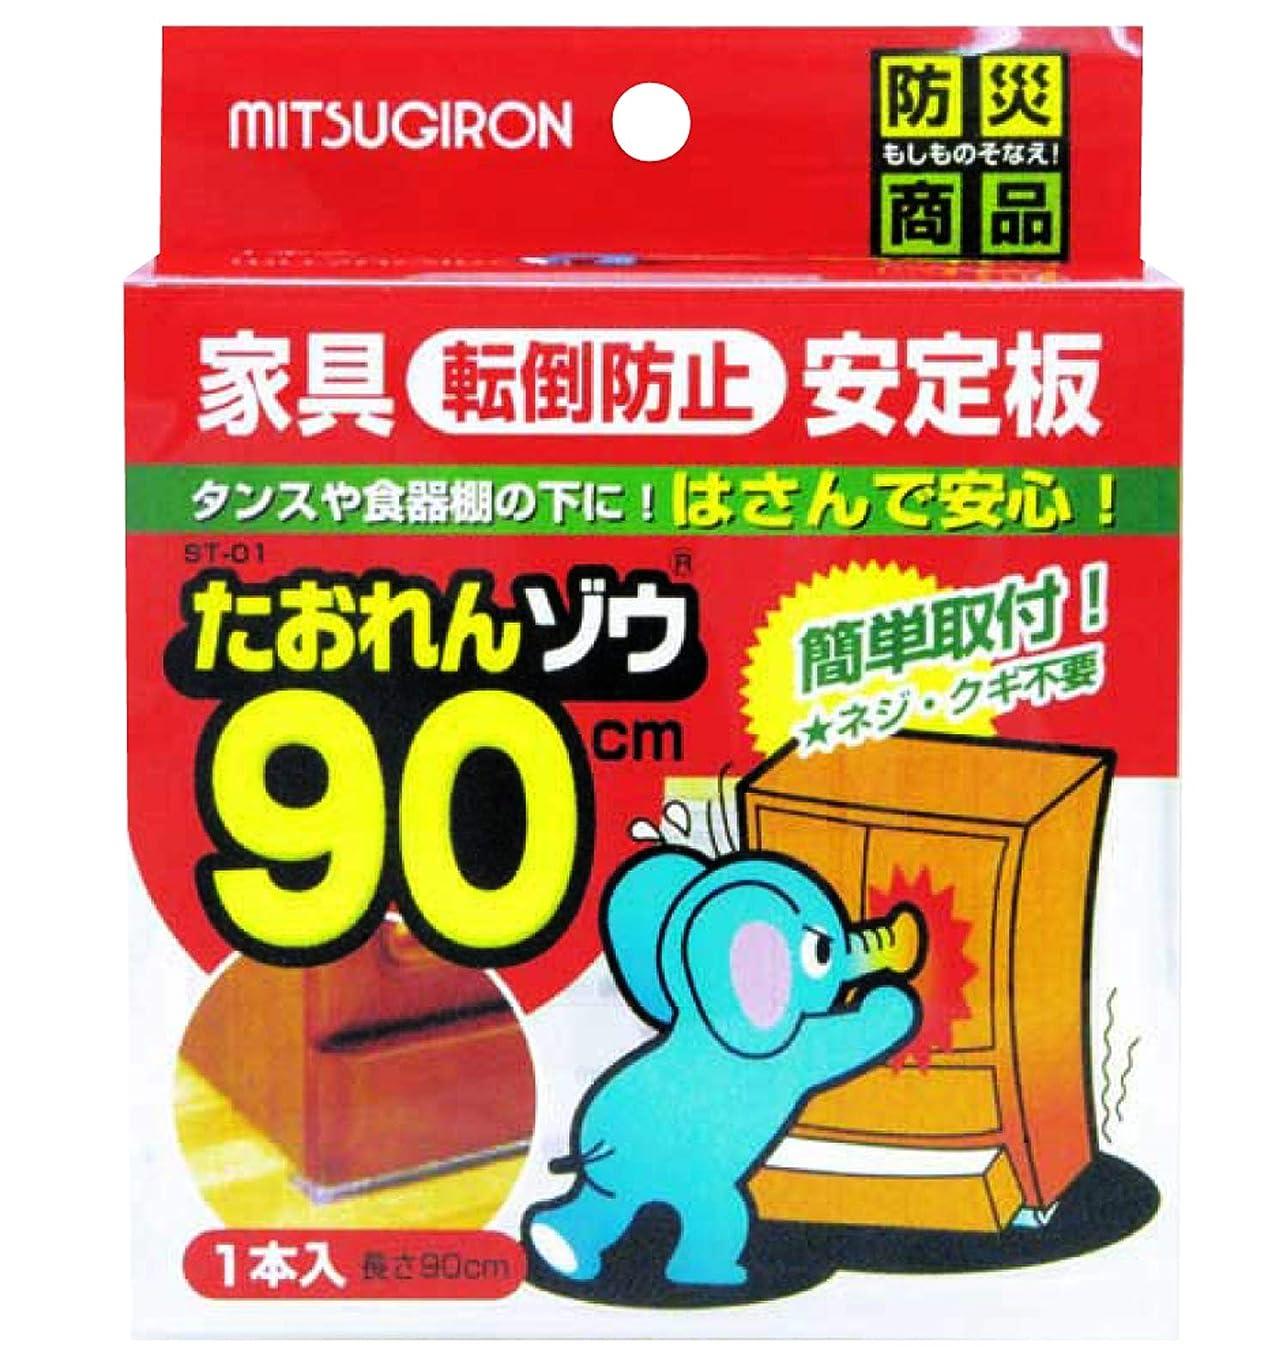 増強ジュラシックパーク夫婦【日本製】ミツギロン 耐震板 たおれんゾウ 90 クリア ST-01